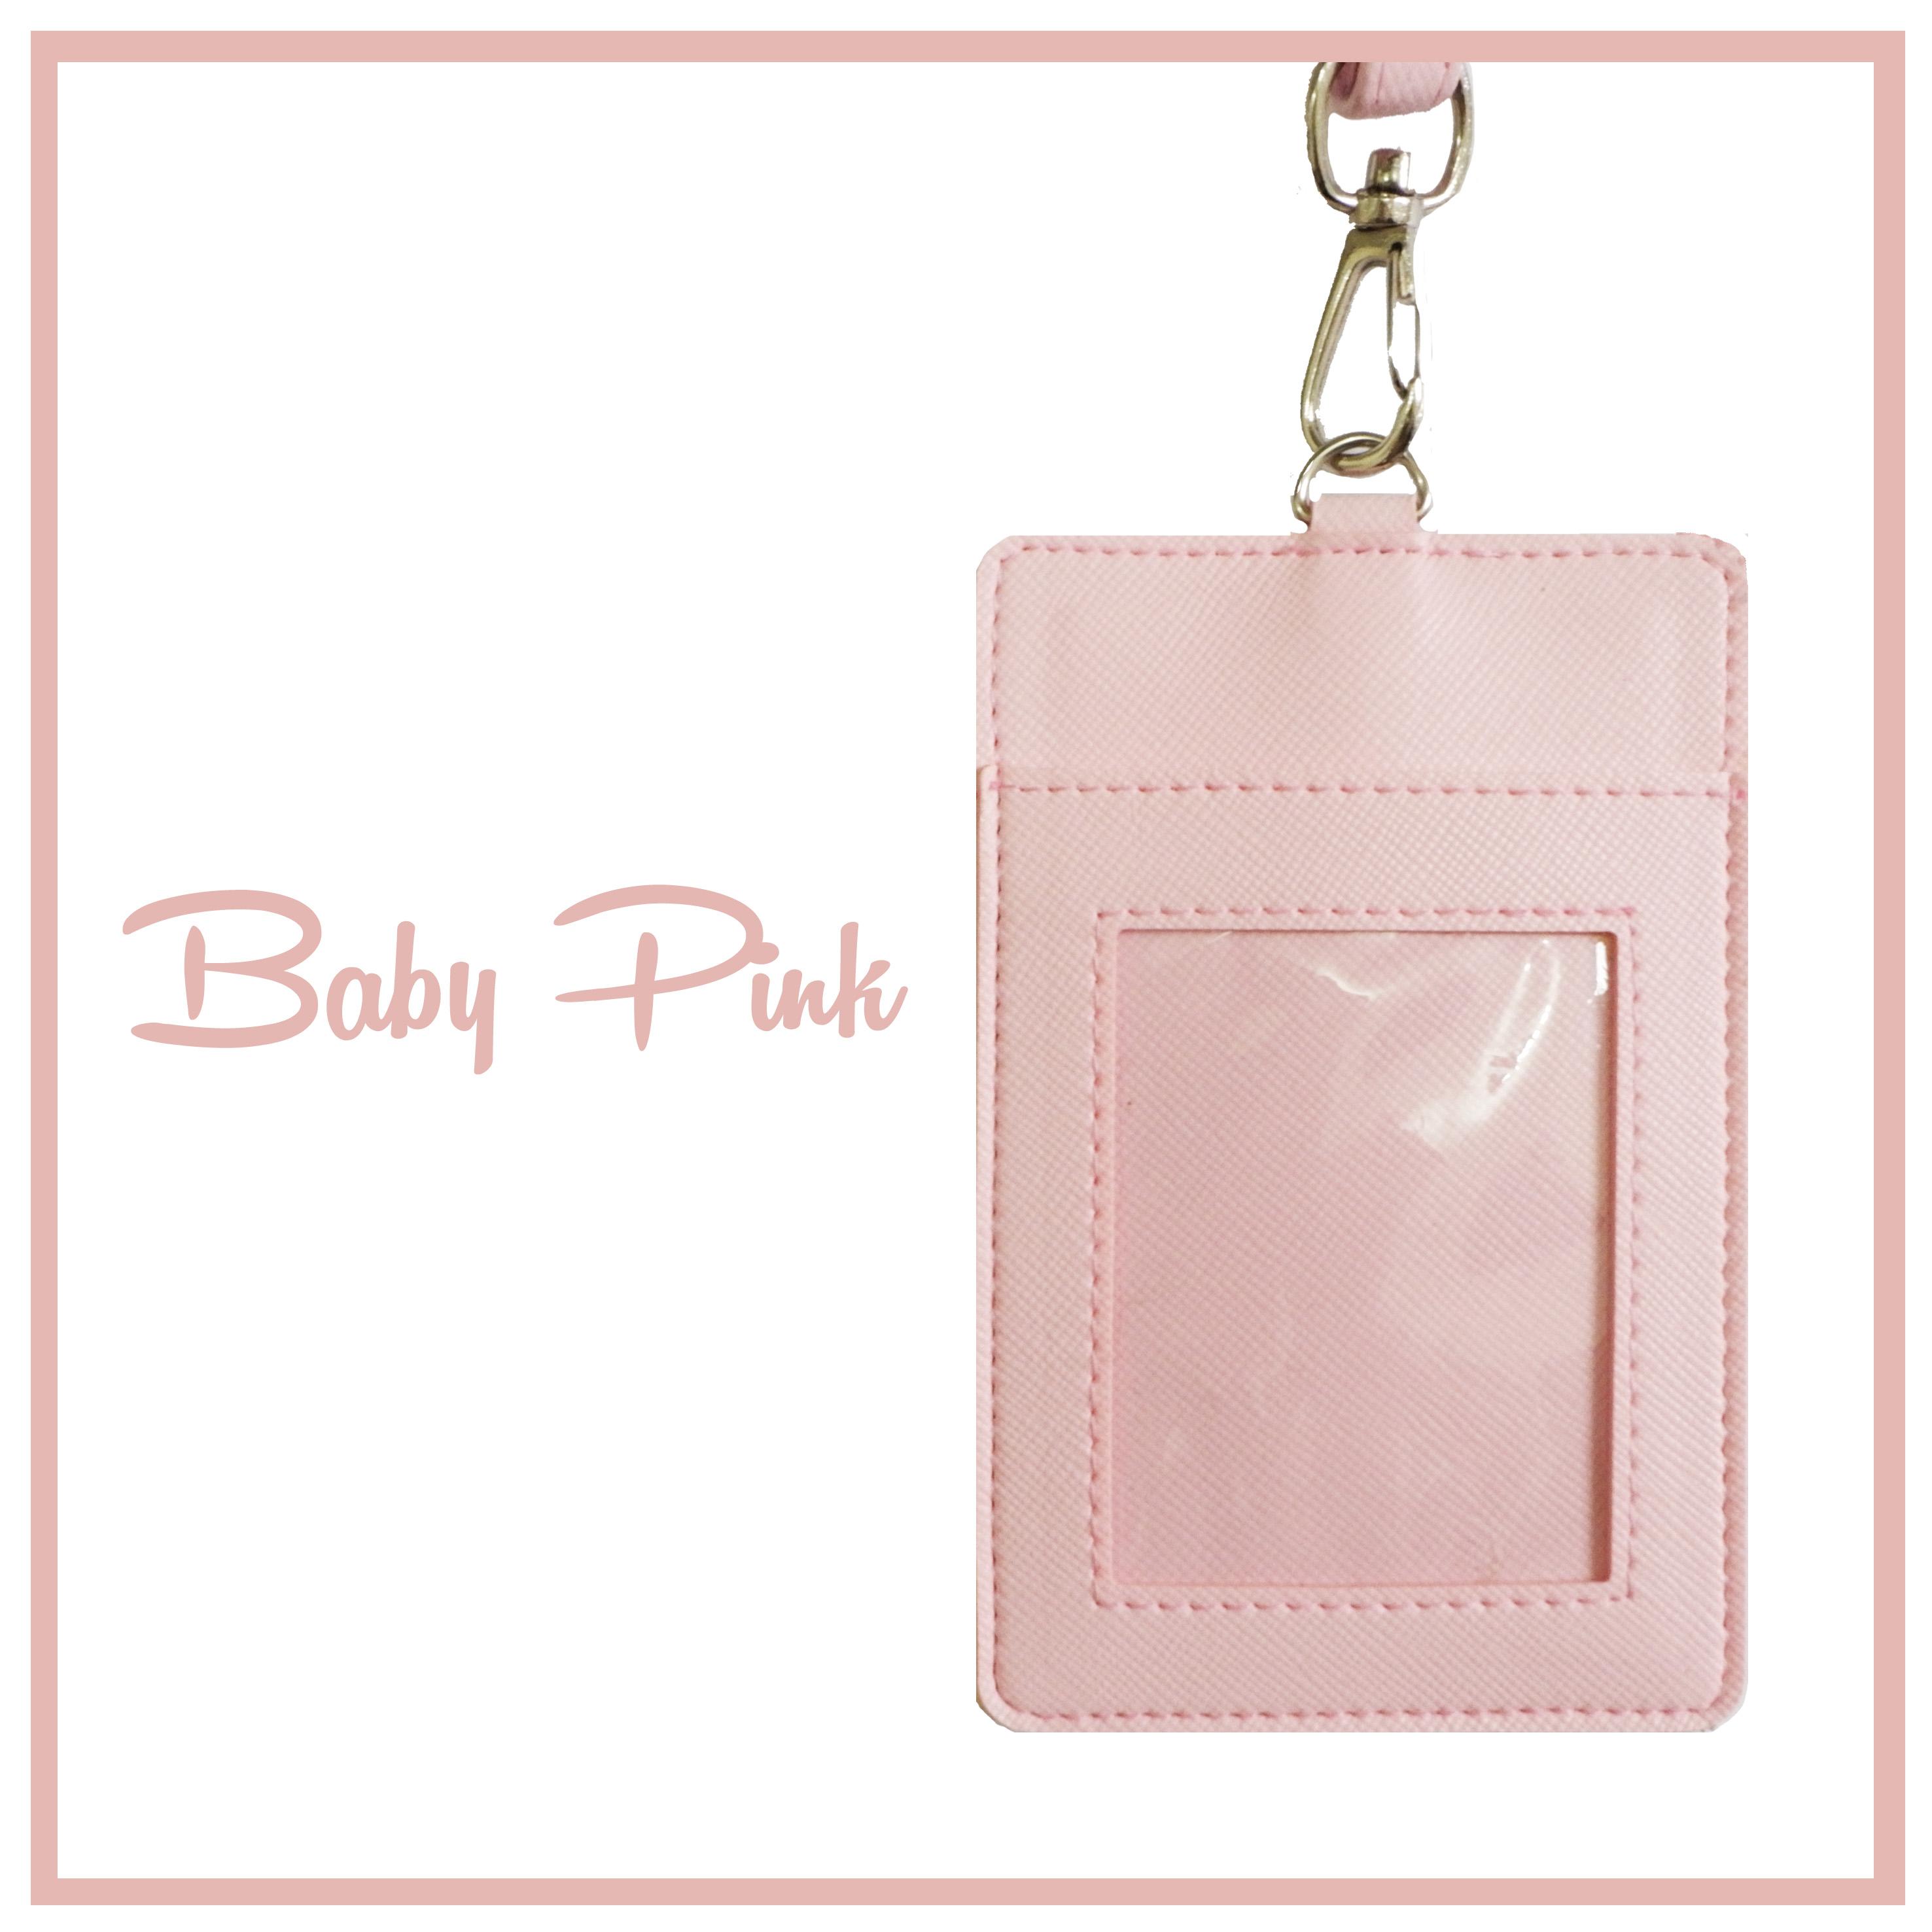 Foodandstuff Shop Line Kantong Mika Custom Baby Pink Gantungan Tempat Sarung Kalung Kartu Id Card Name Tag Nama Holder Kulit